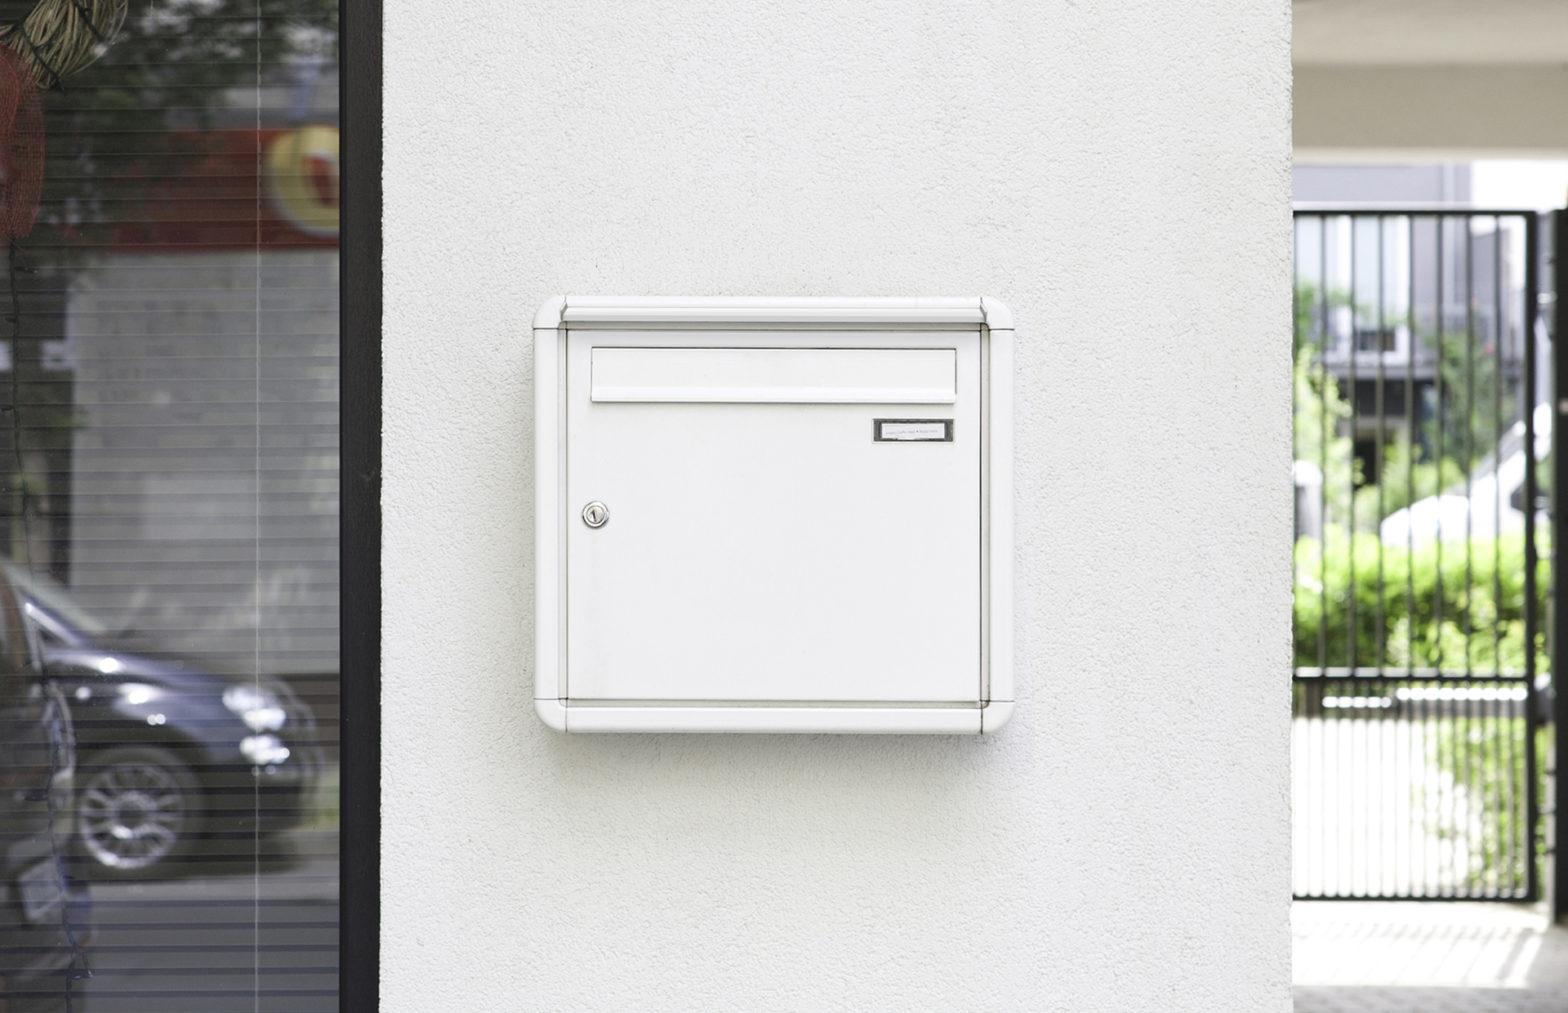 KNOBLOCH EXPRESS BOX - einteilige Aufputz-Briefkastenanlage mit vertikalem Kasten und Verkleidung RI 220 (AP10-220)